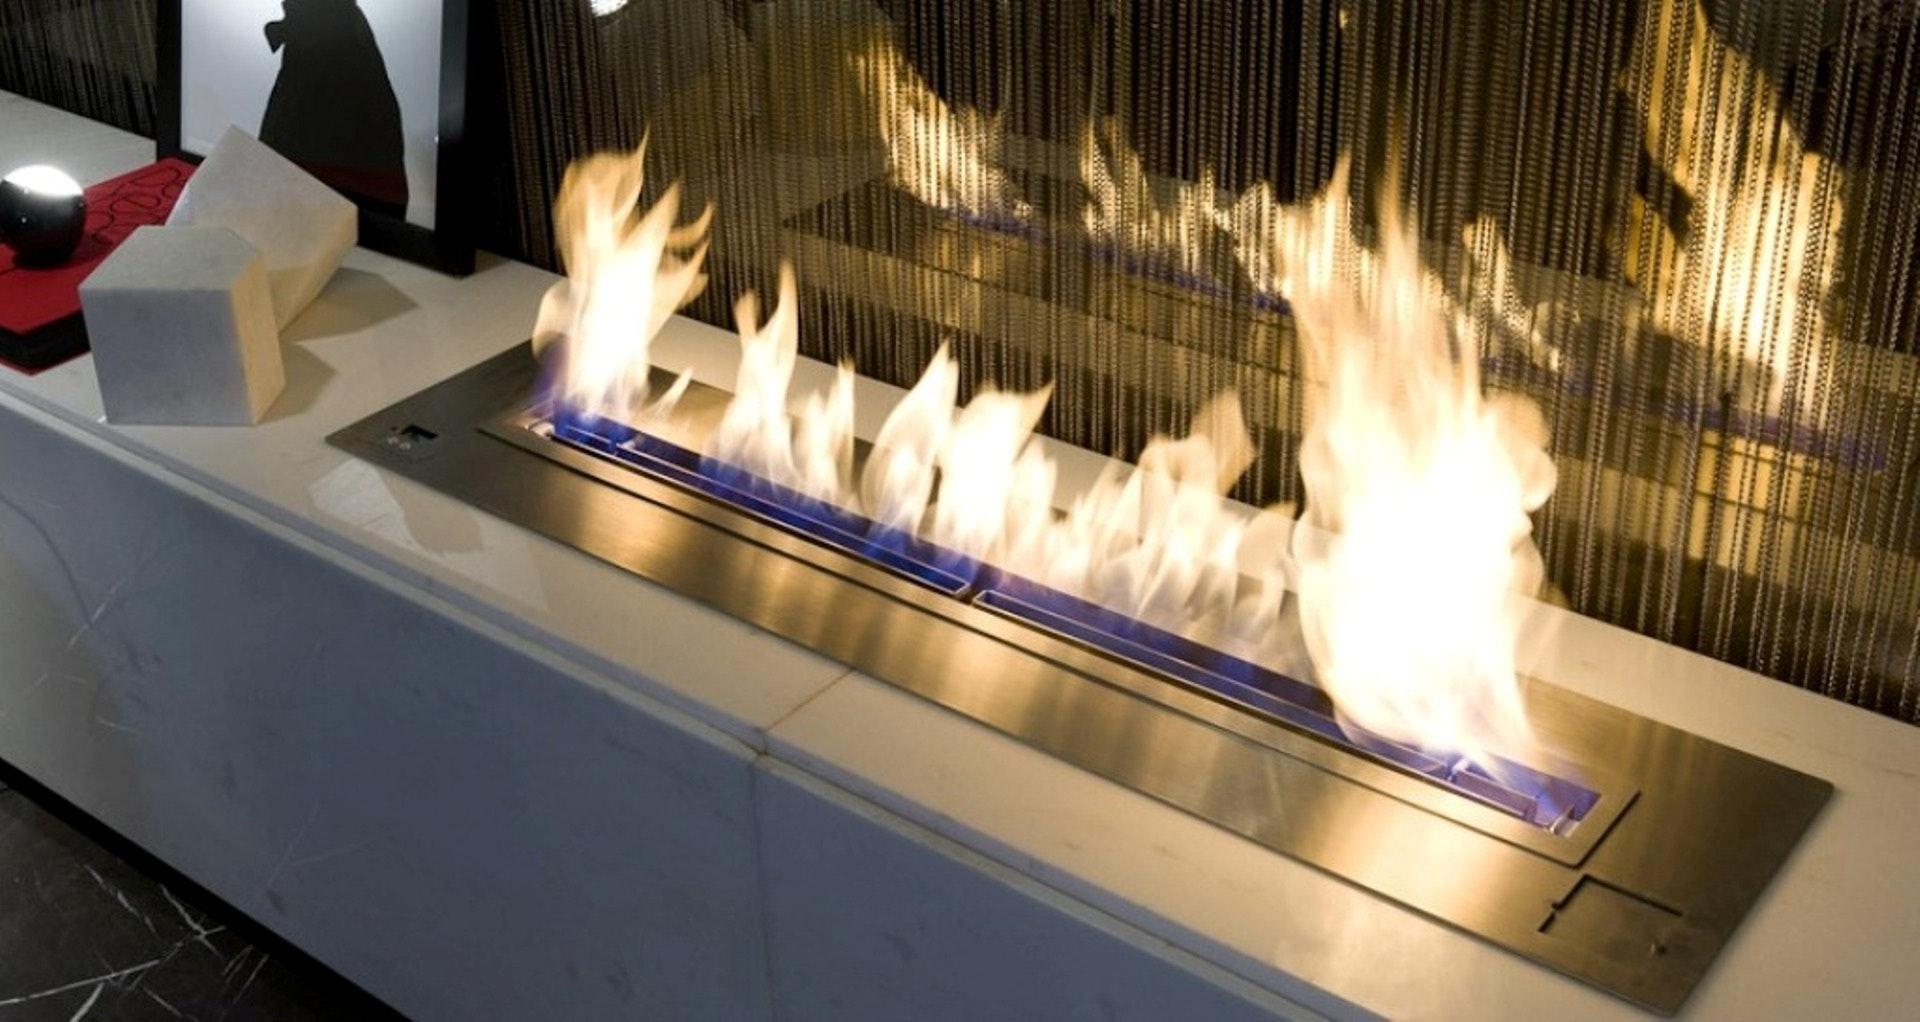 Kostenloses Foto zum Thema: bewegung, bioethanol-brenner, brenner